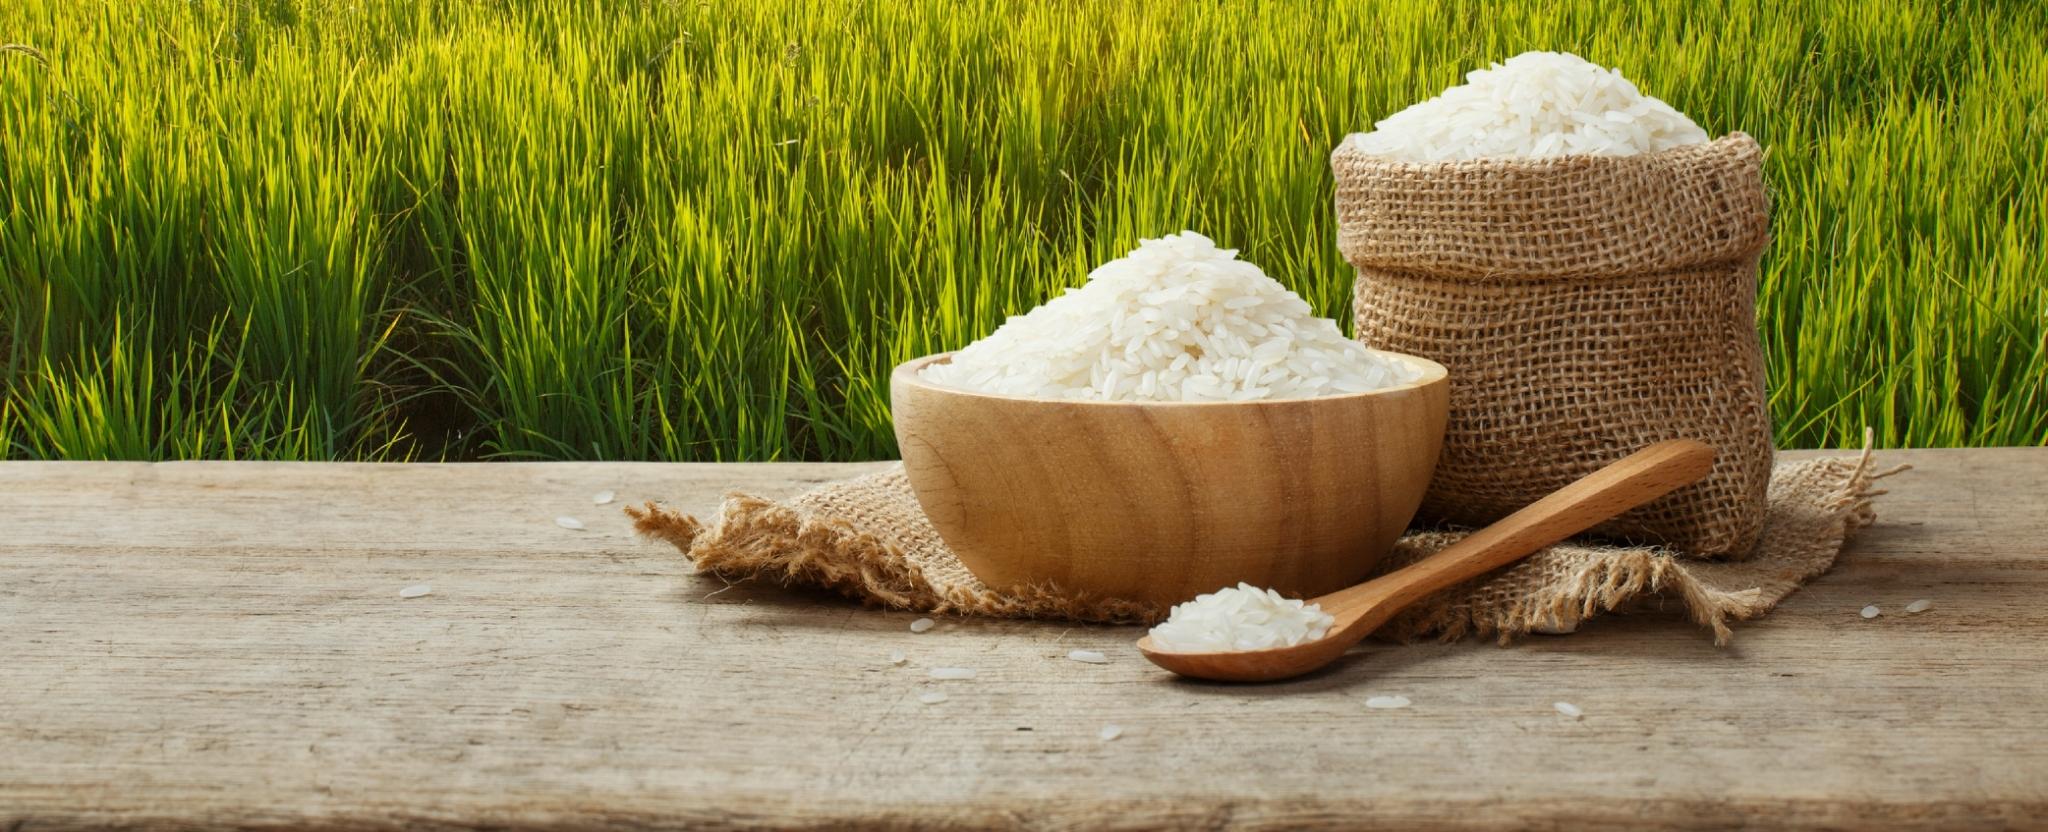 สมาคมชาวนาและเกษตรกรไทยจี้รัฐส่งเสริมข้าวพื้นนุ่ม